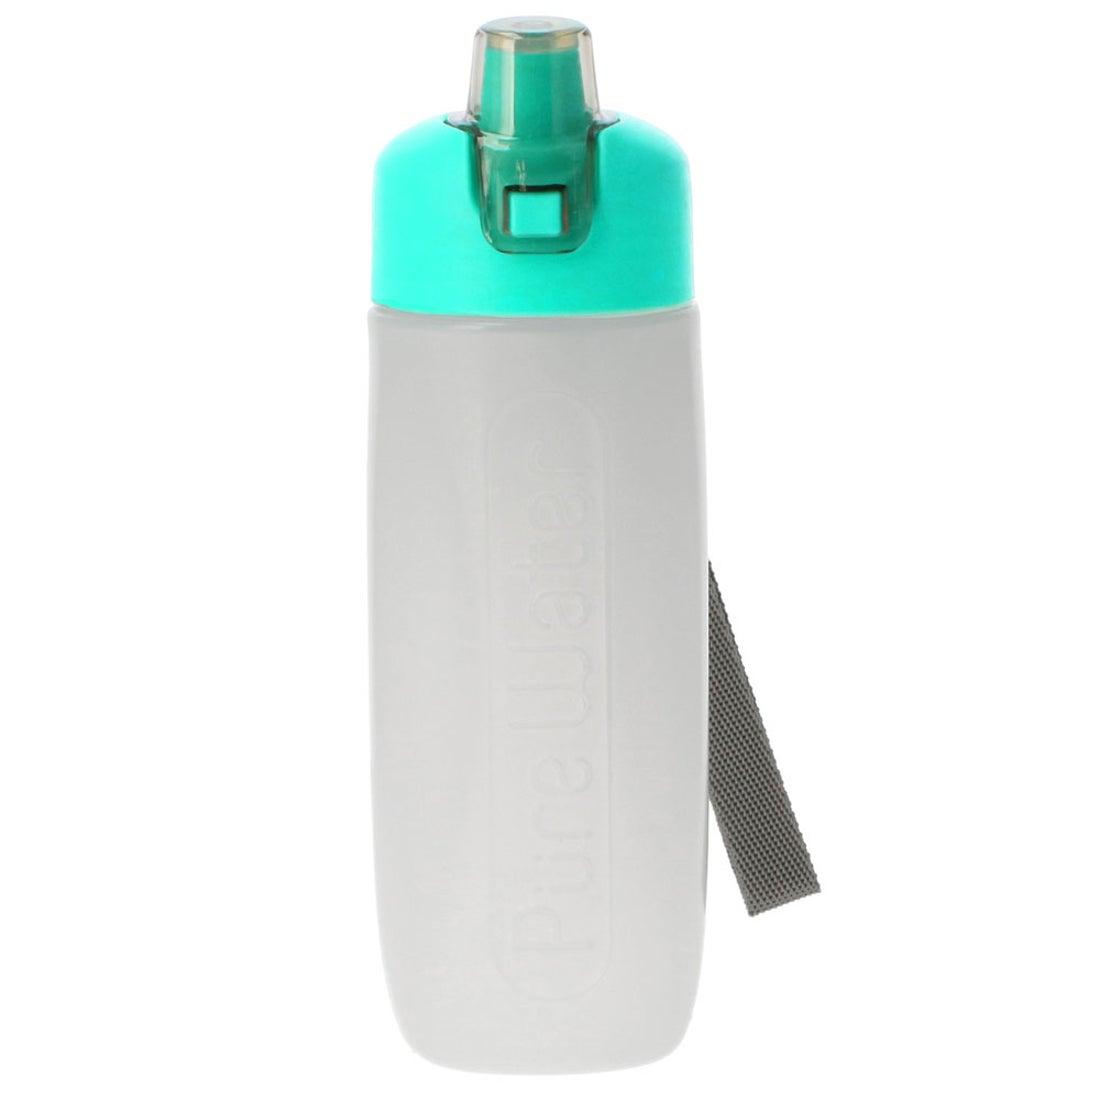 ノーブランド No Brand 携帯用浄水ボトル ピュアウォーター (エメラルドグリーン)